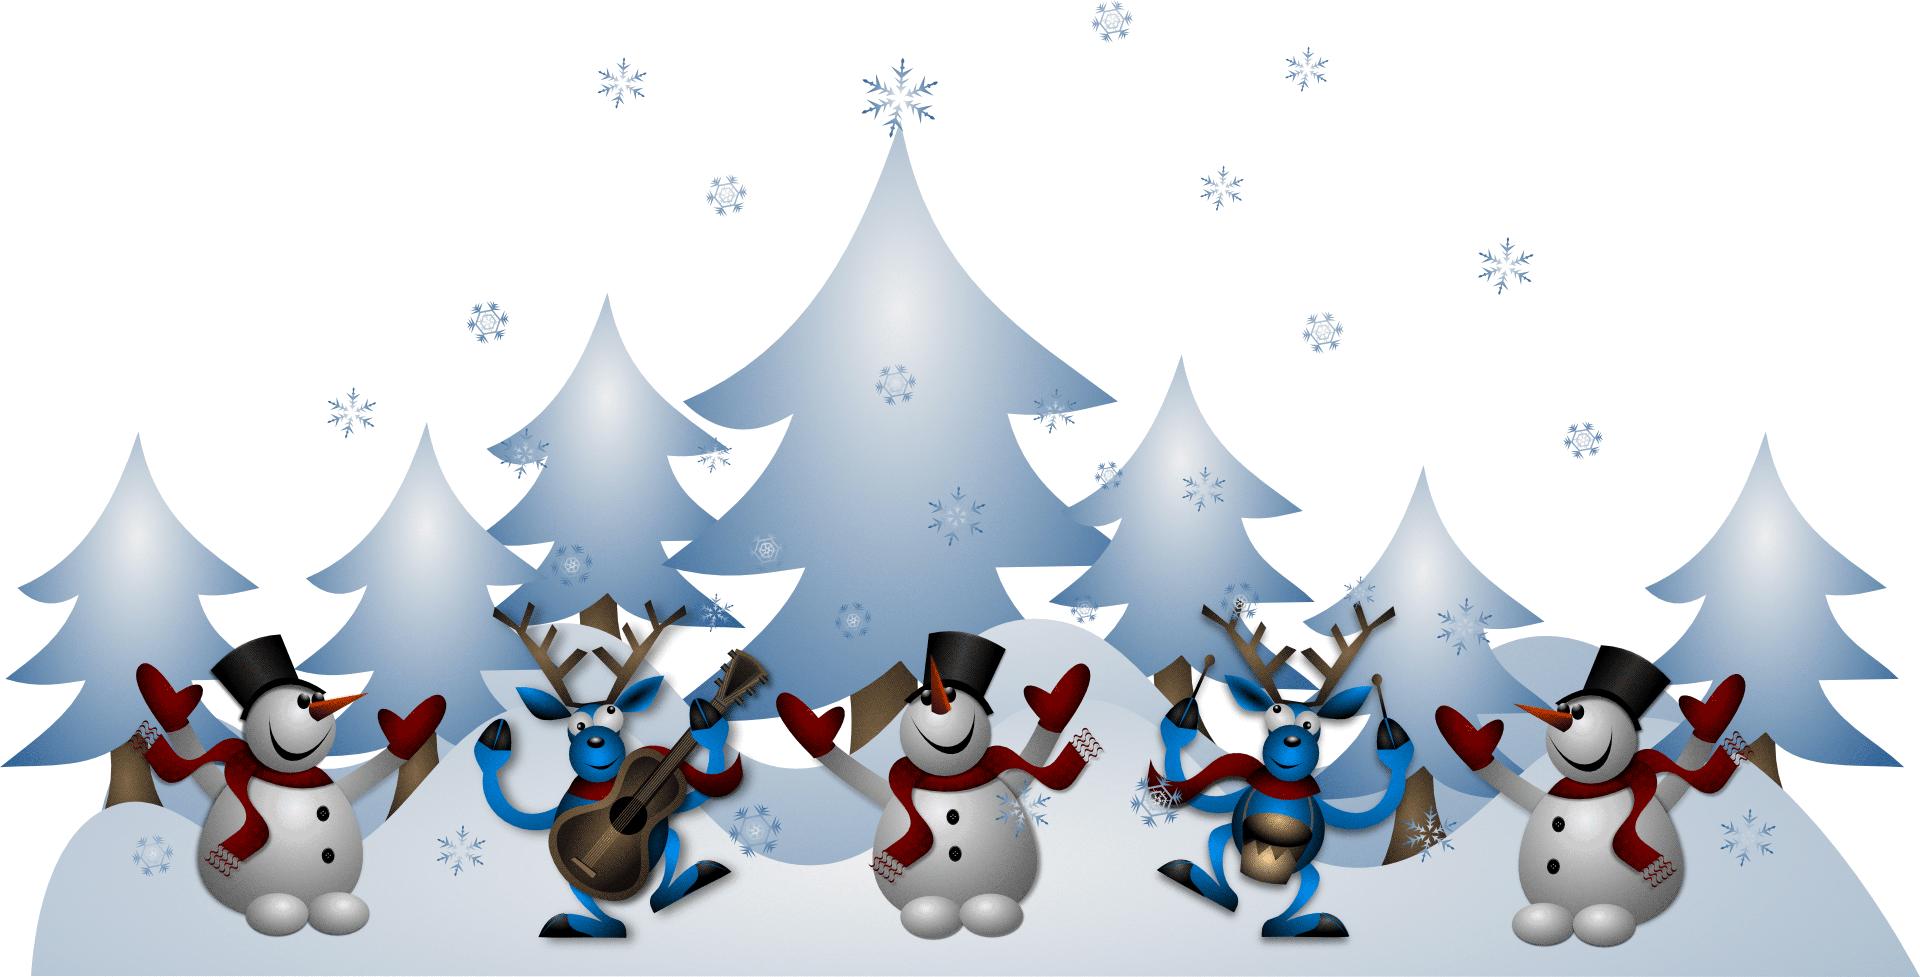 igés, des bonhommes de neige dansants et des élans jouant de la musique. Bonnes fêtes !!!